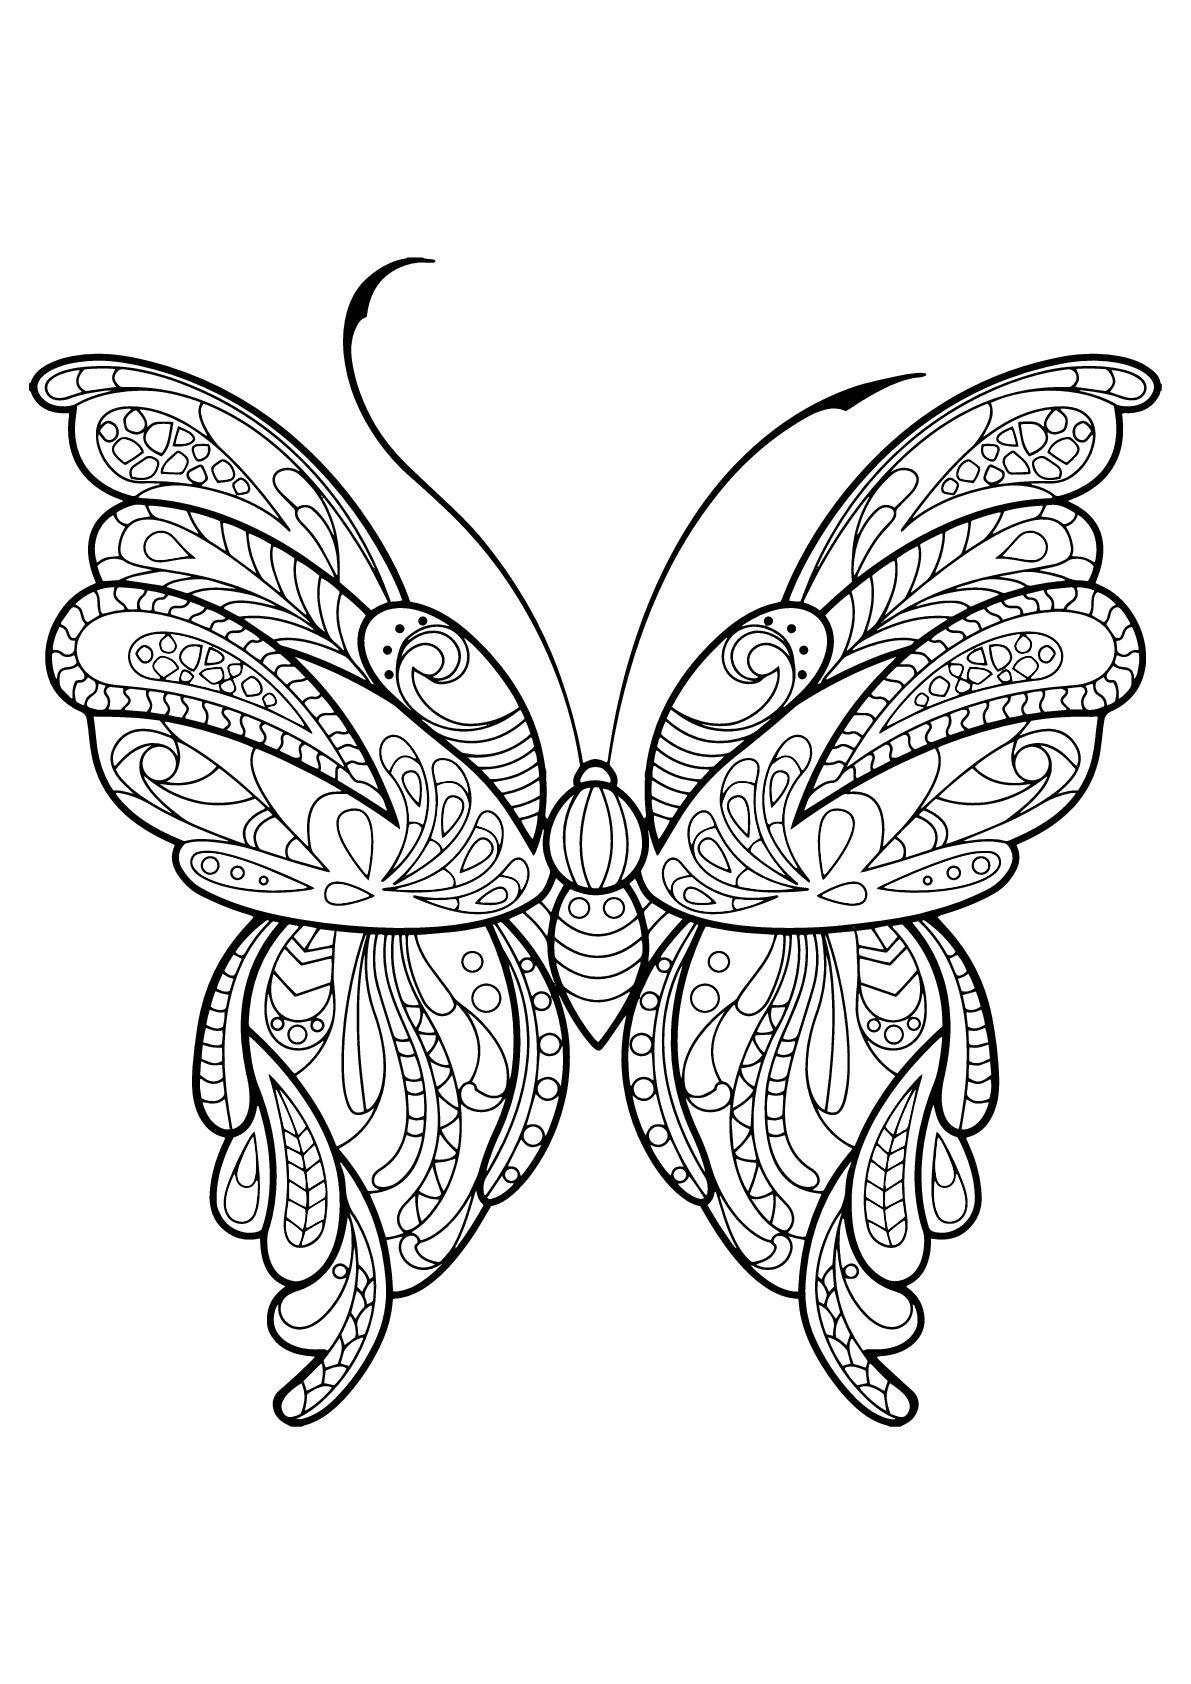 Insectos 27295 Mariposas E Insectos Just Color Mandalas Para